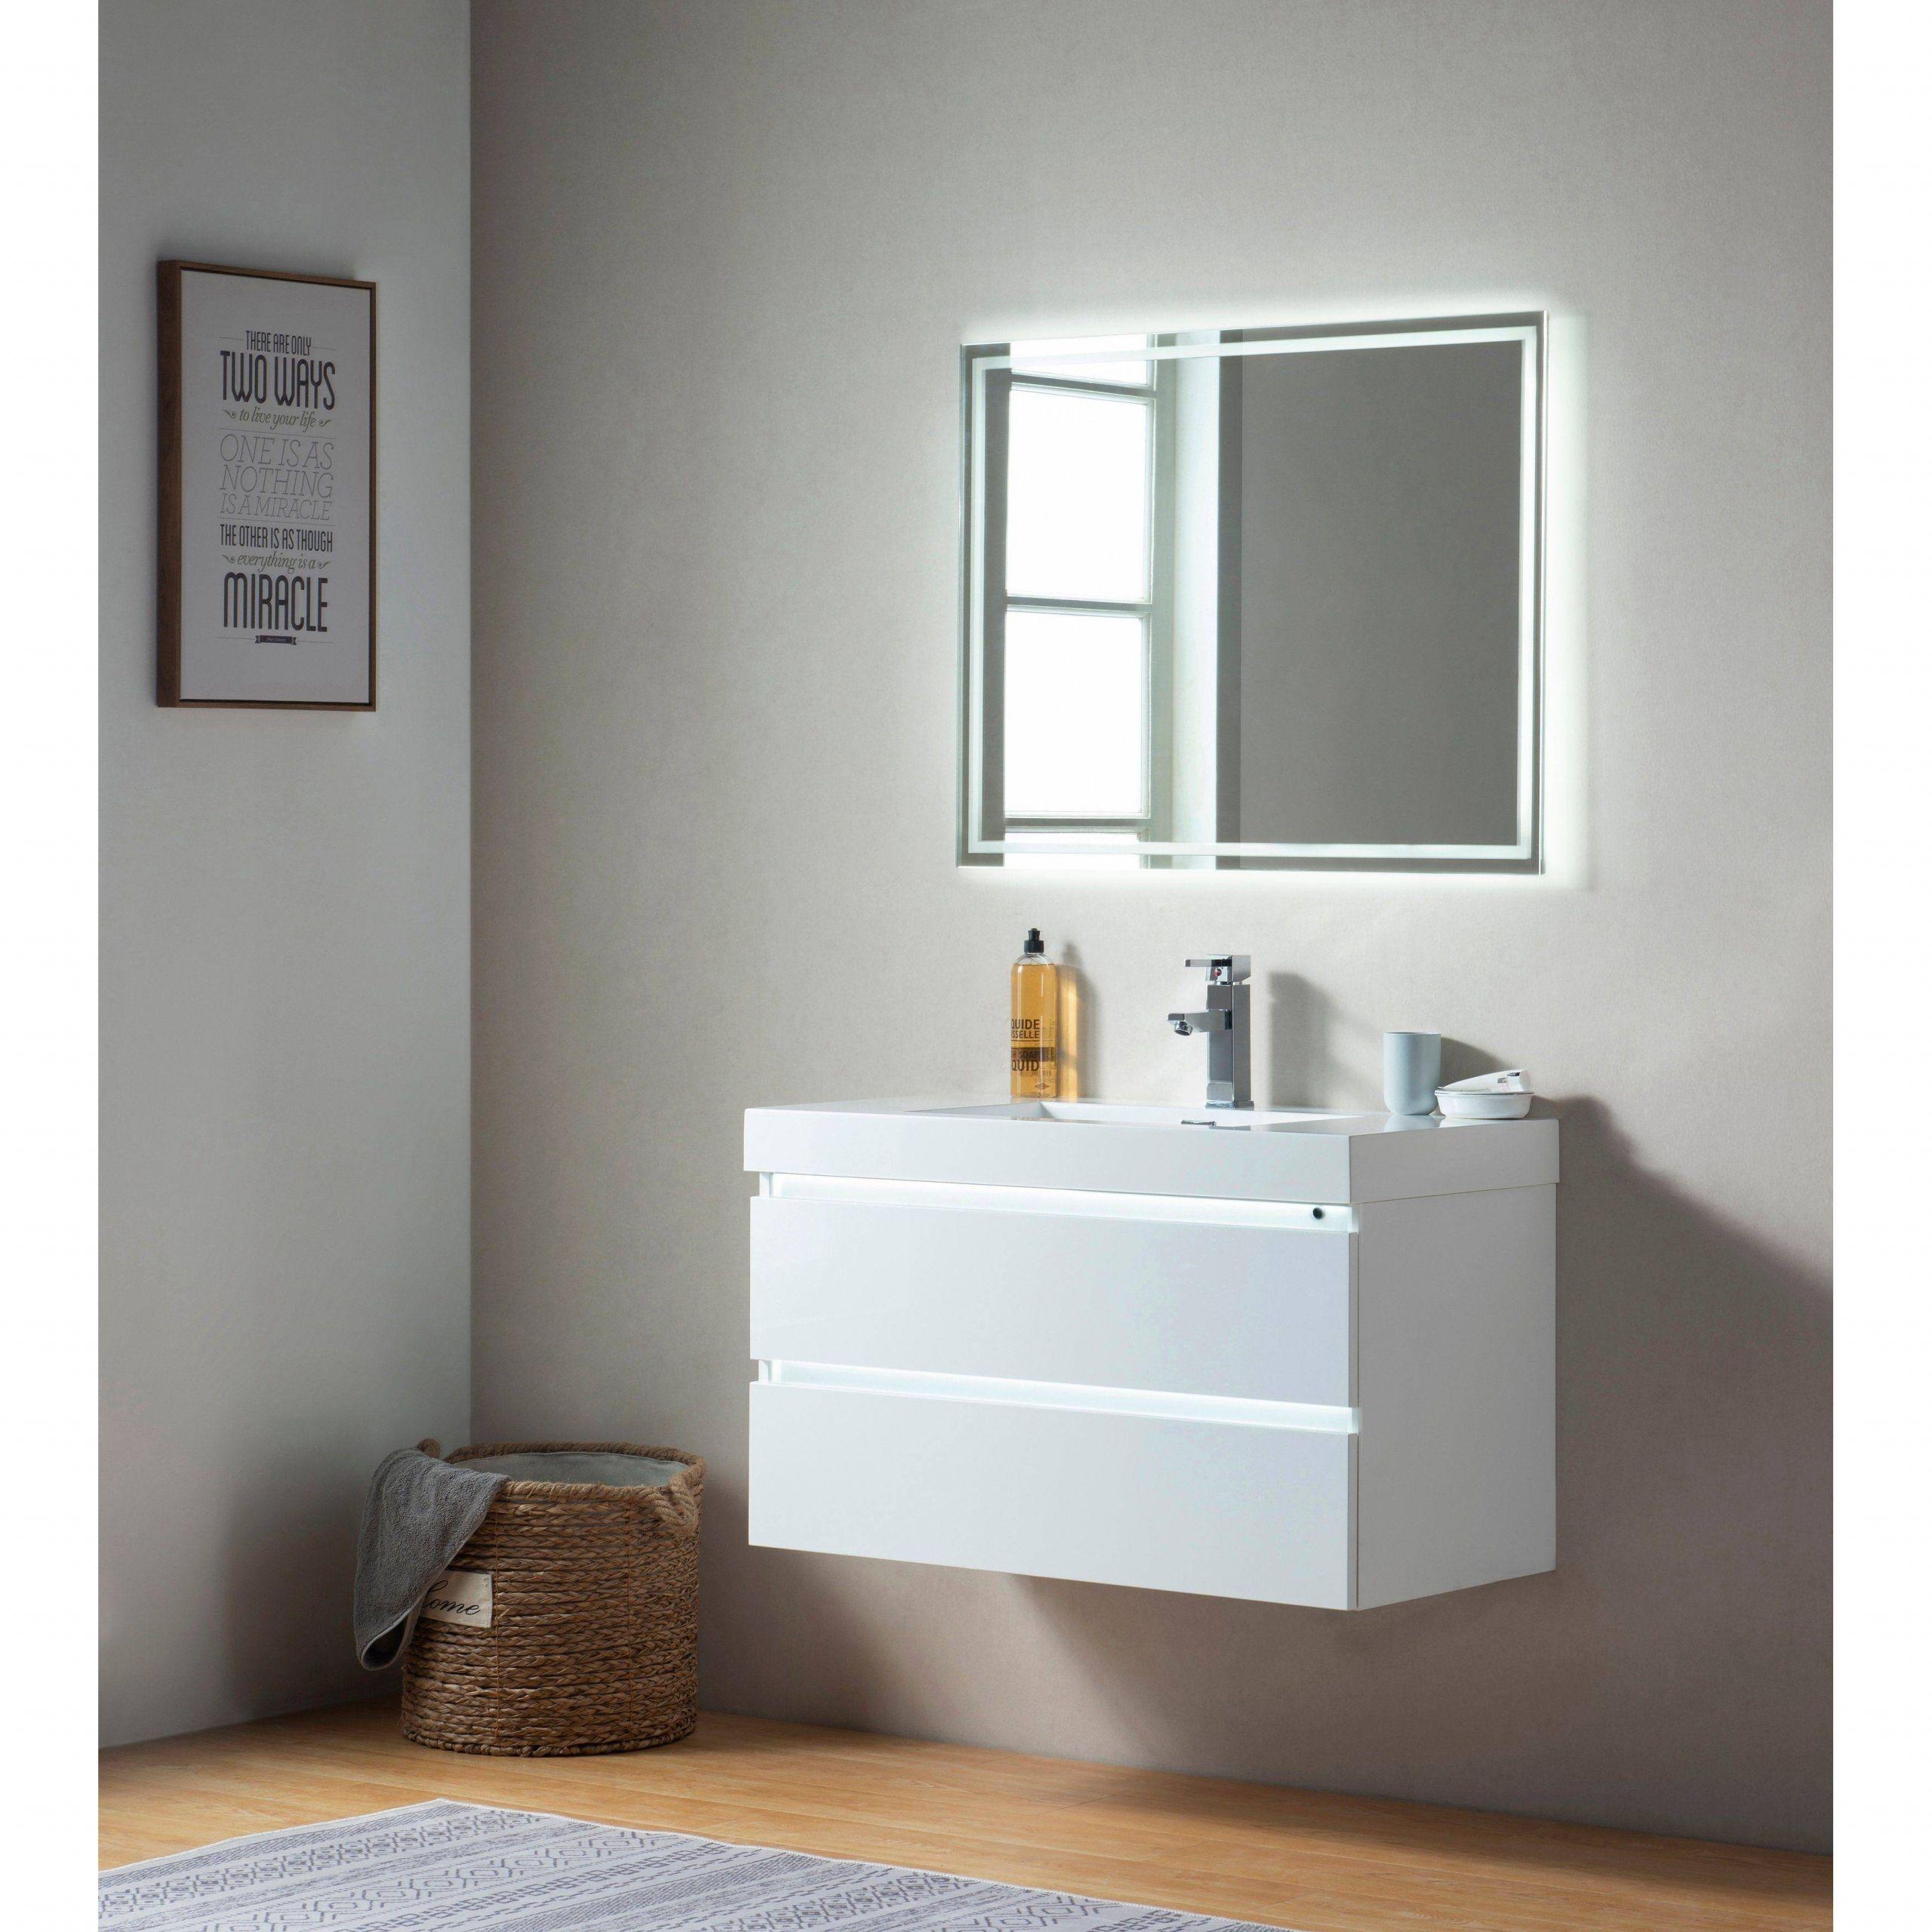 36 inch vanity instagood dekorasirumah diy kitchen